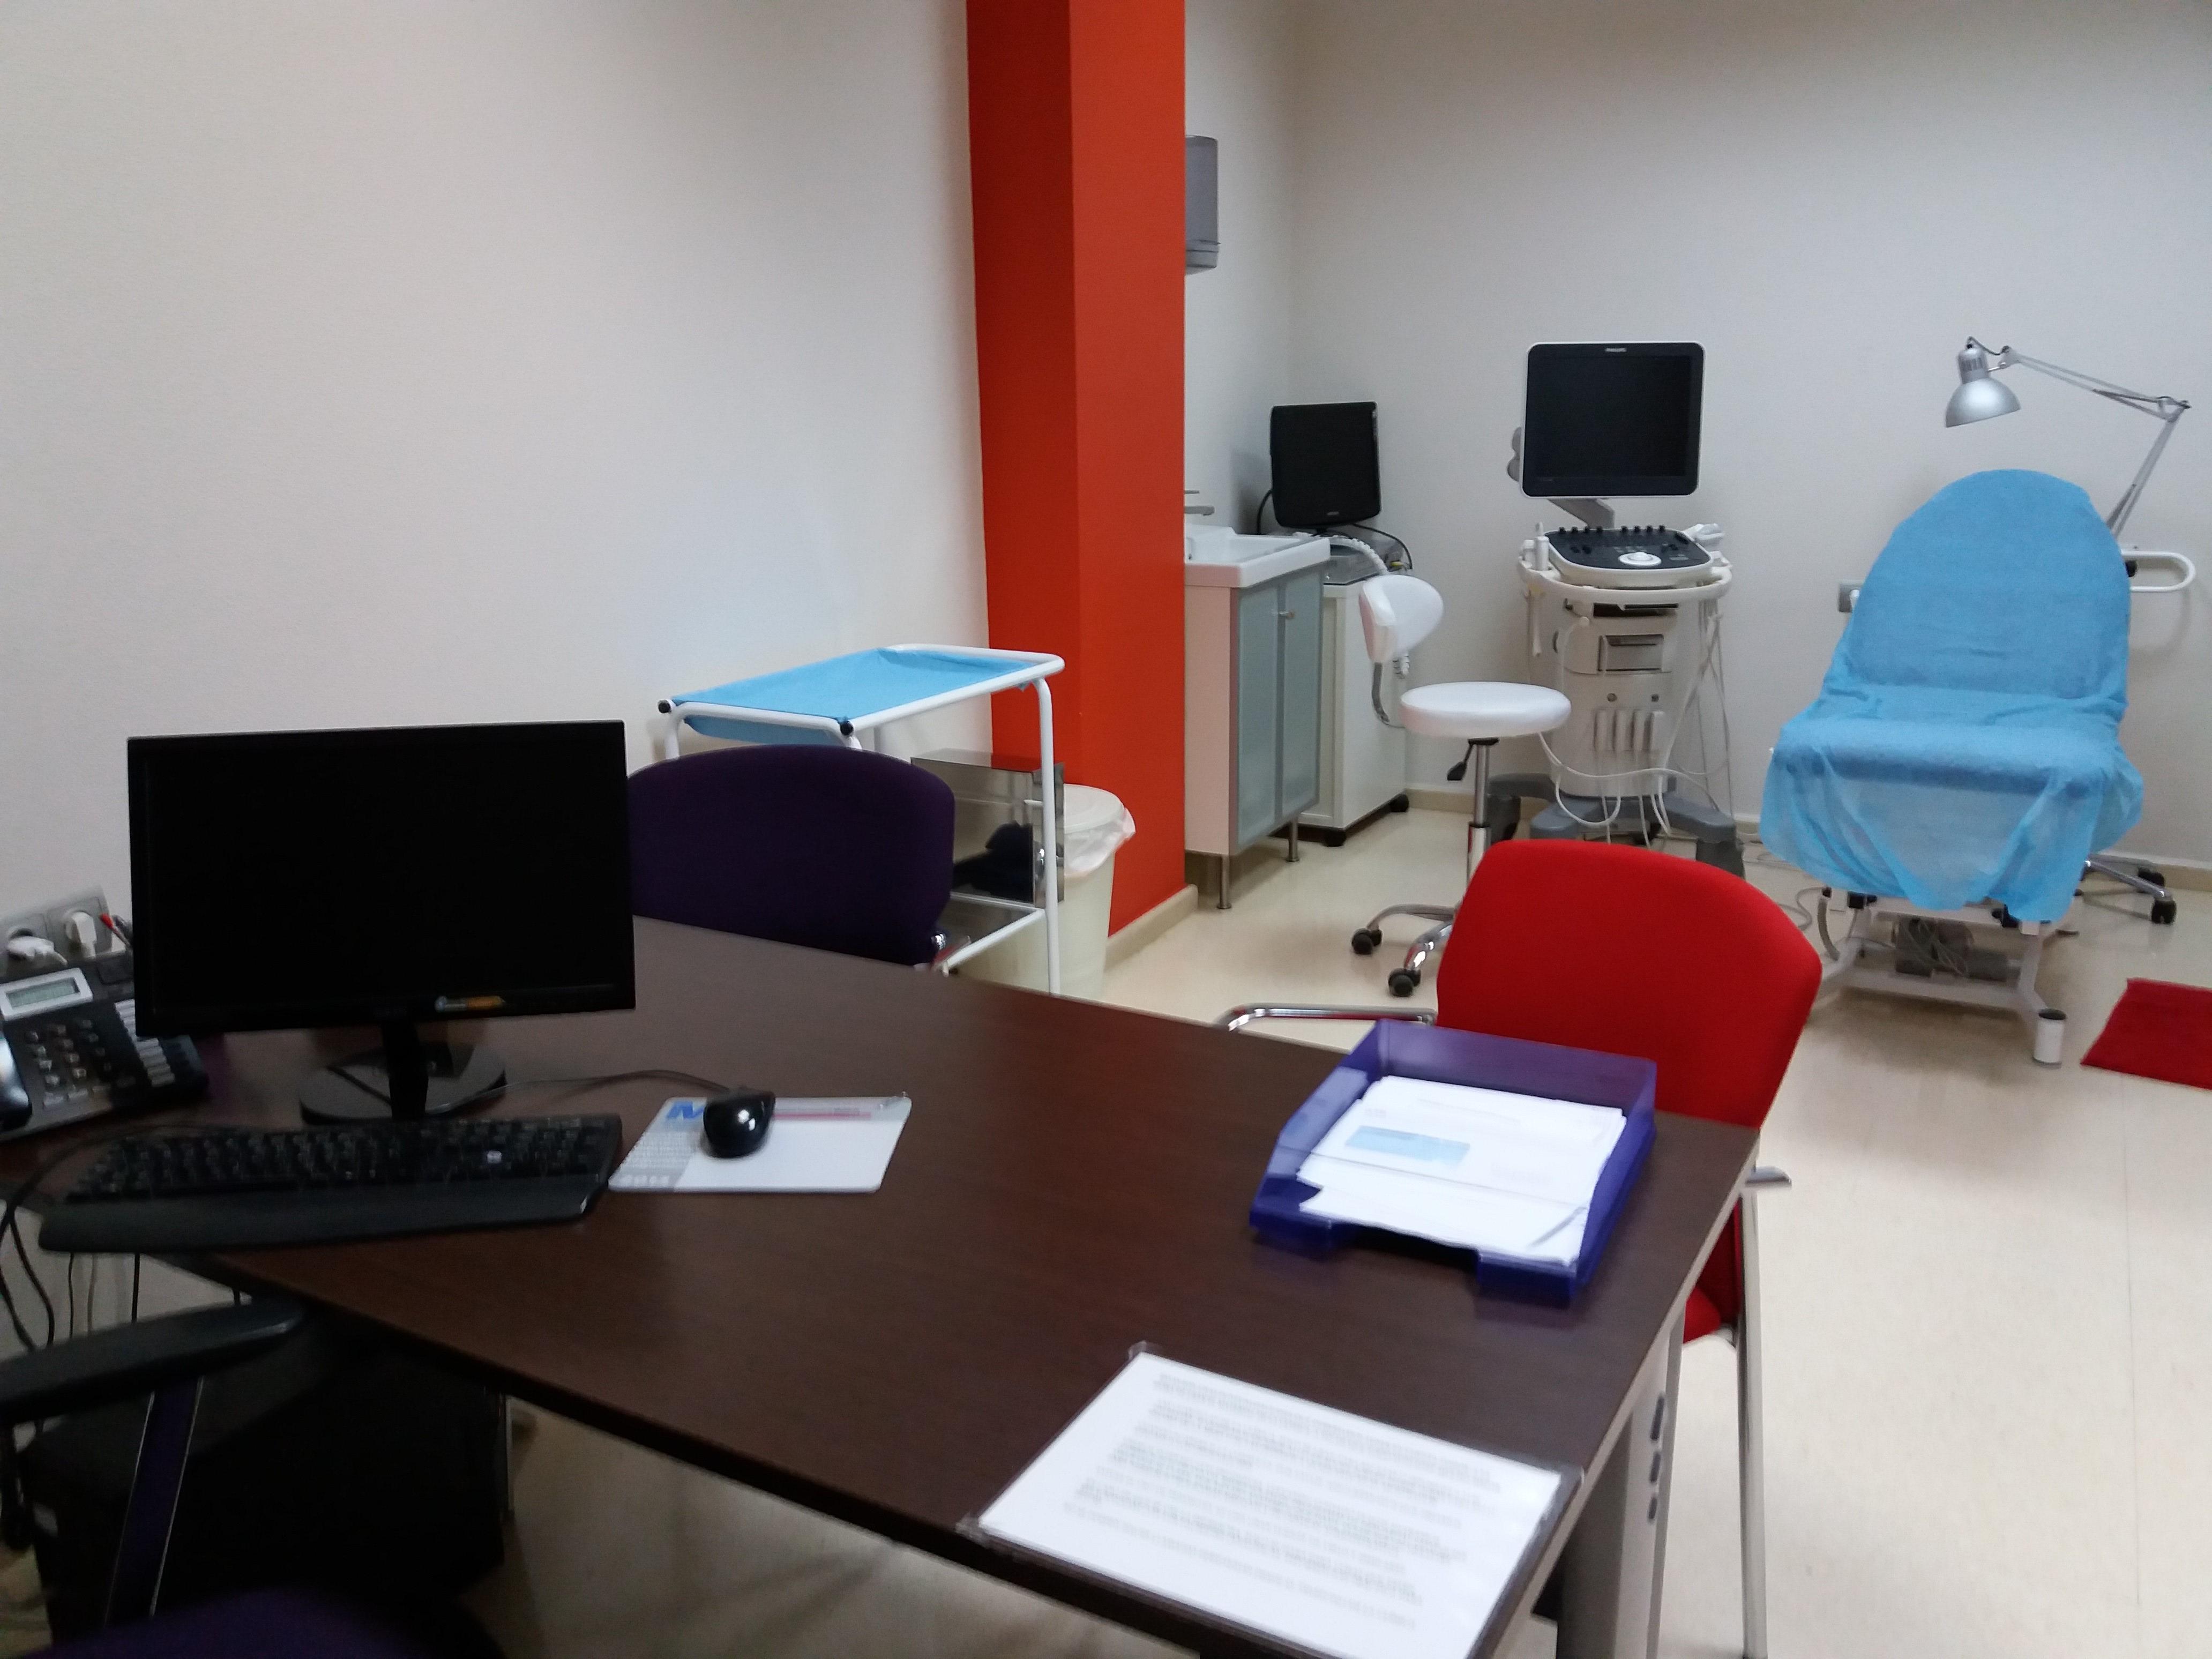 ASAPCV Clínicas Alicante Clínica la vega despacho